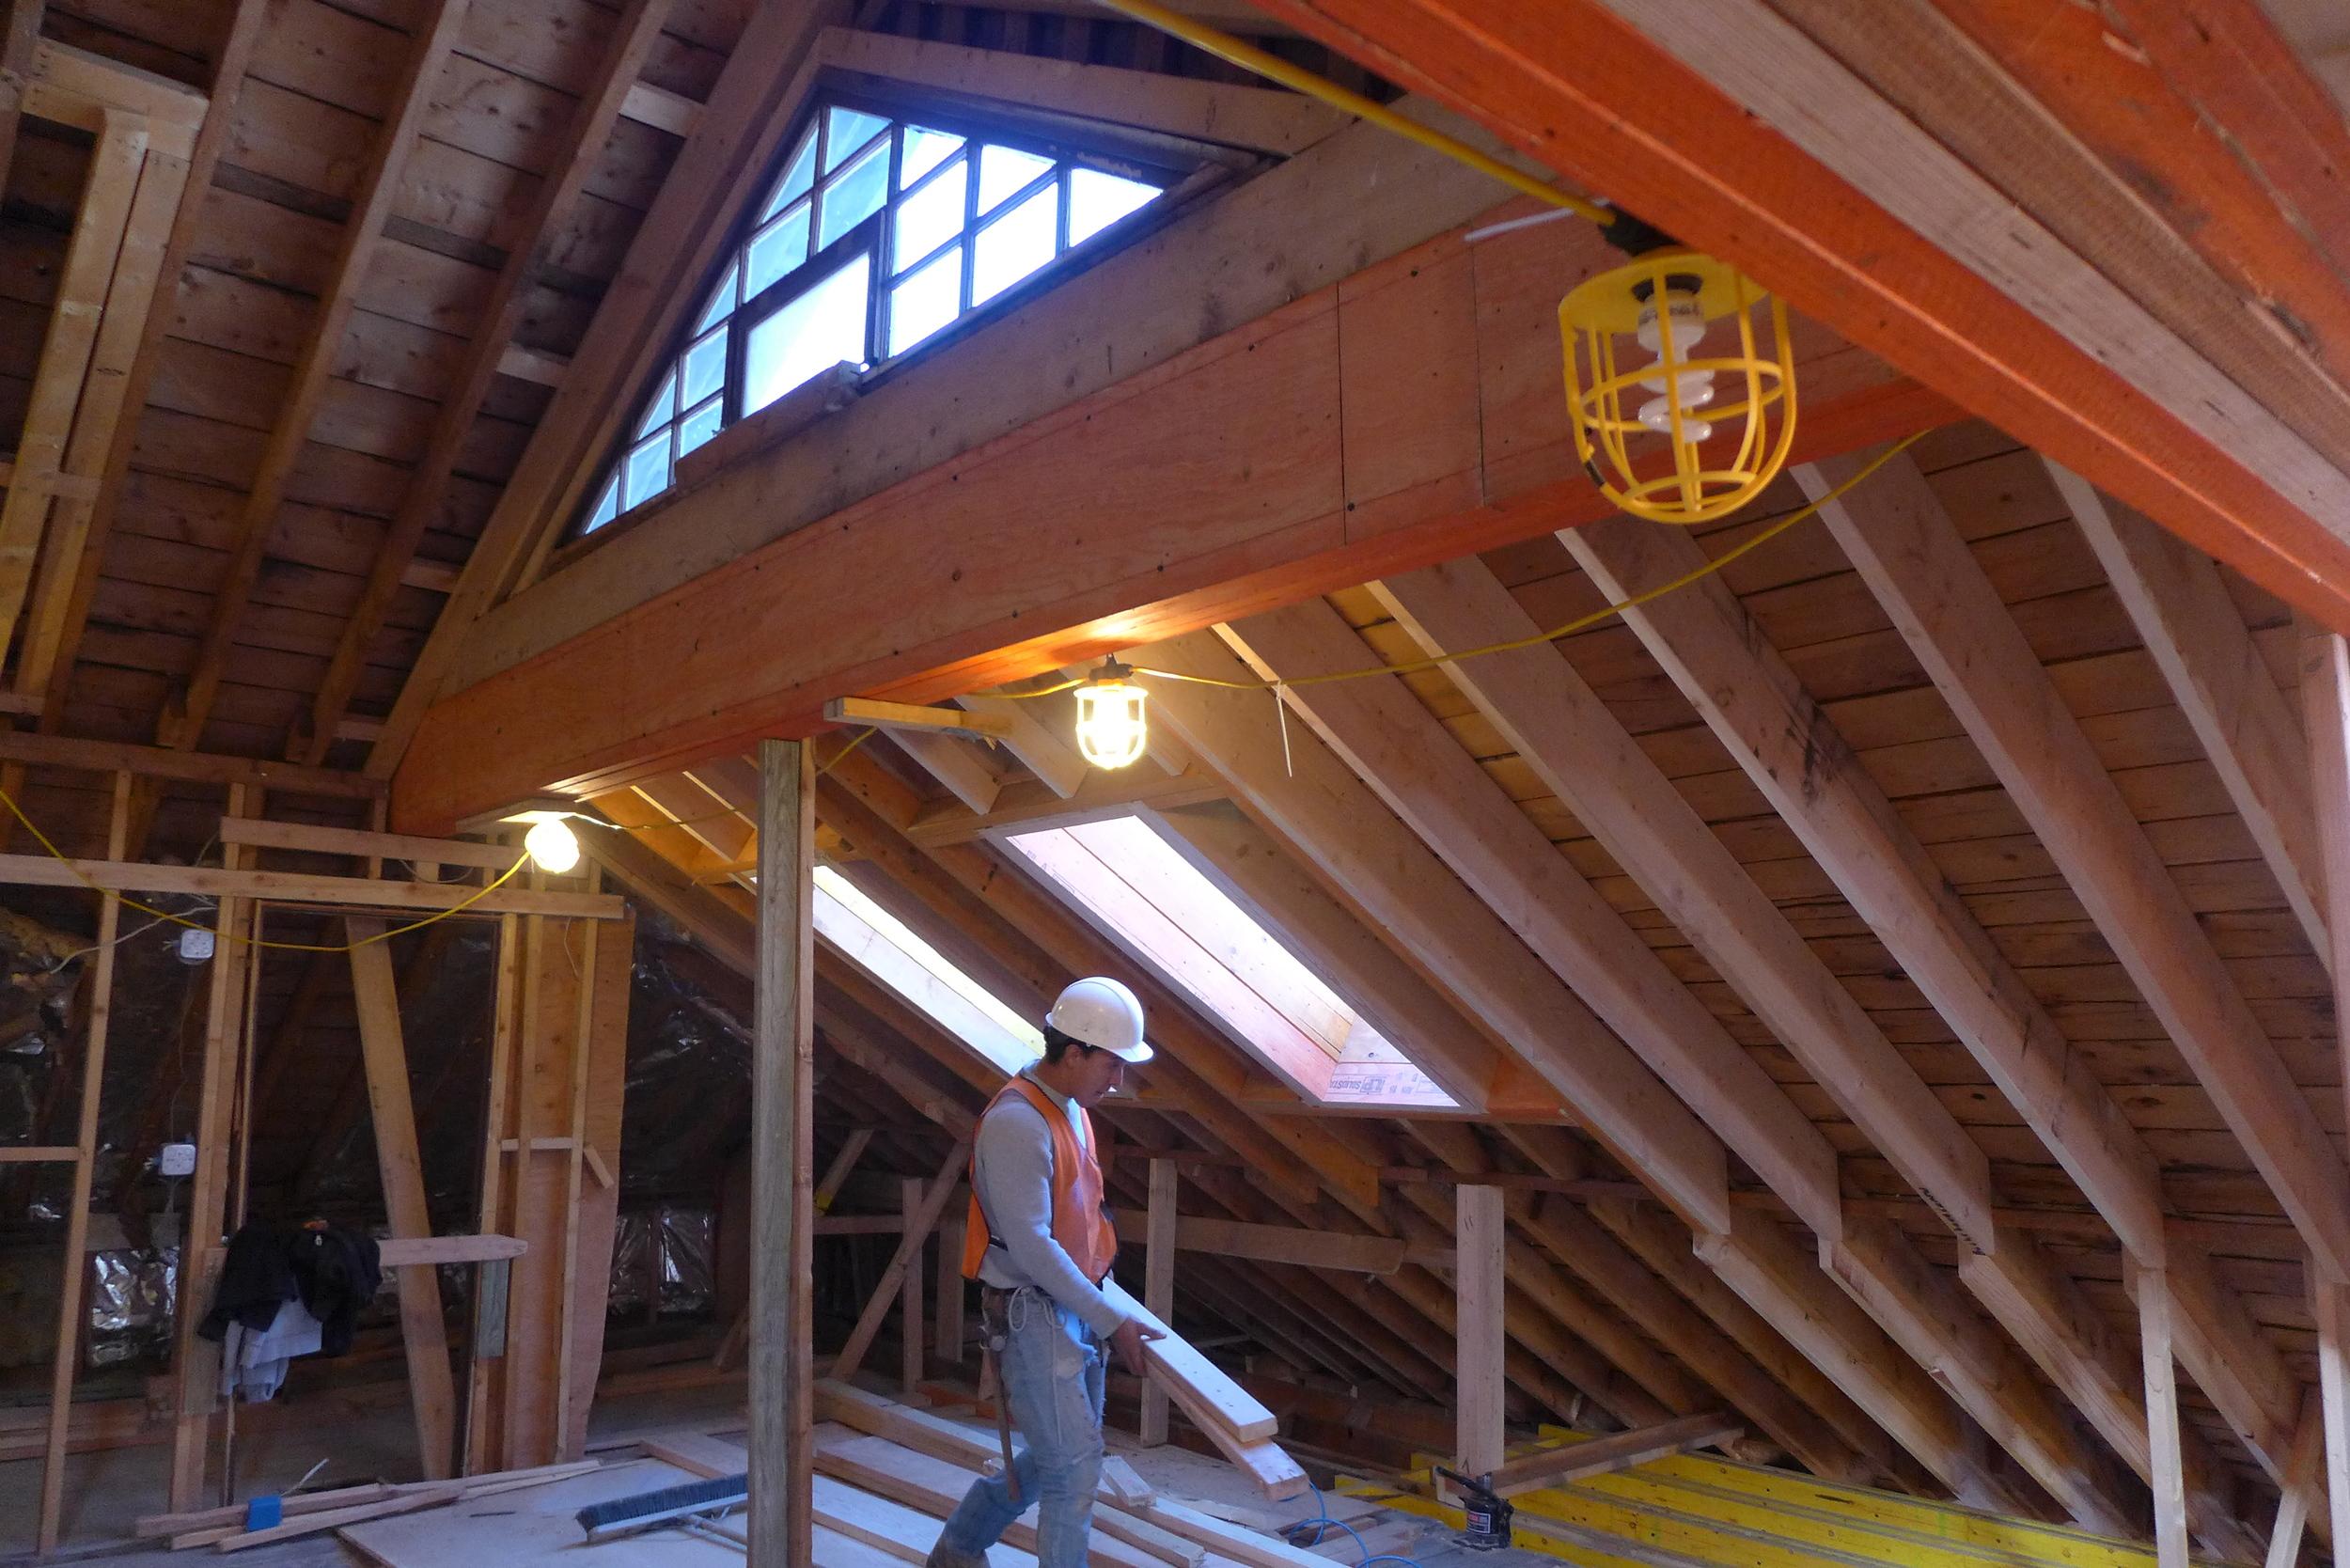 1112_bldg1 roof framing work.JPG